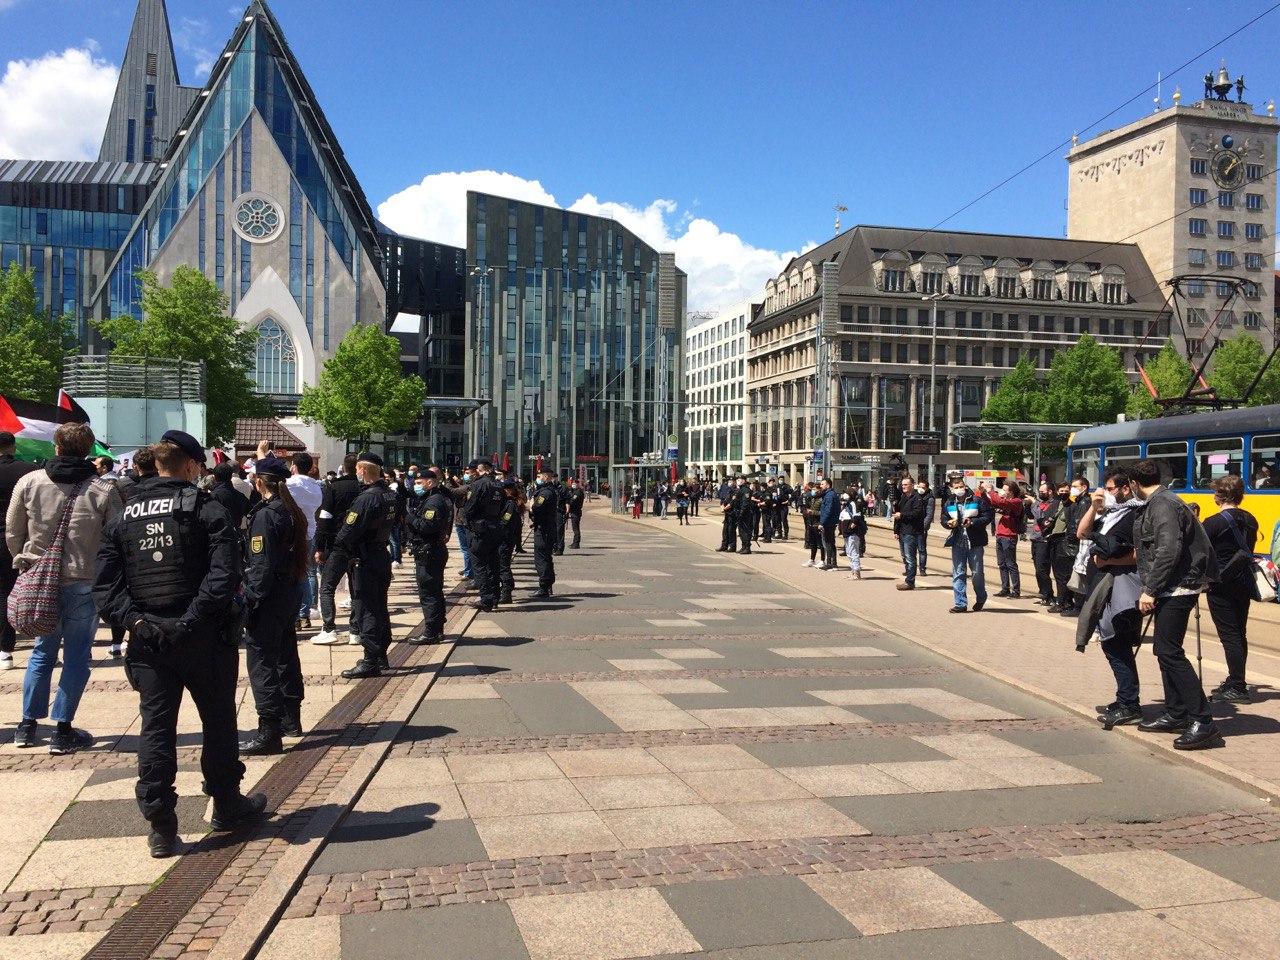 Anfangs zu wenig Polizei, dann stabilisierte sich die Lage auf dem Augustusplatz. Foto: LZ